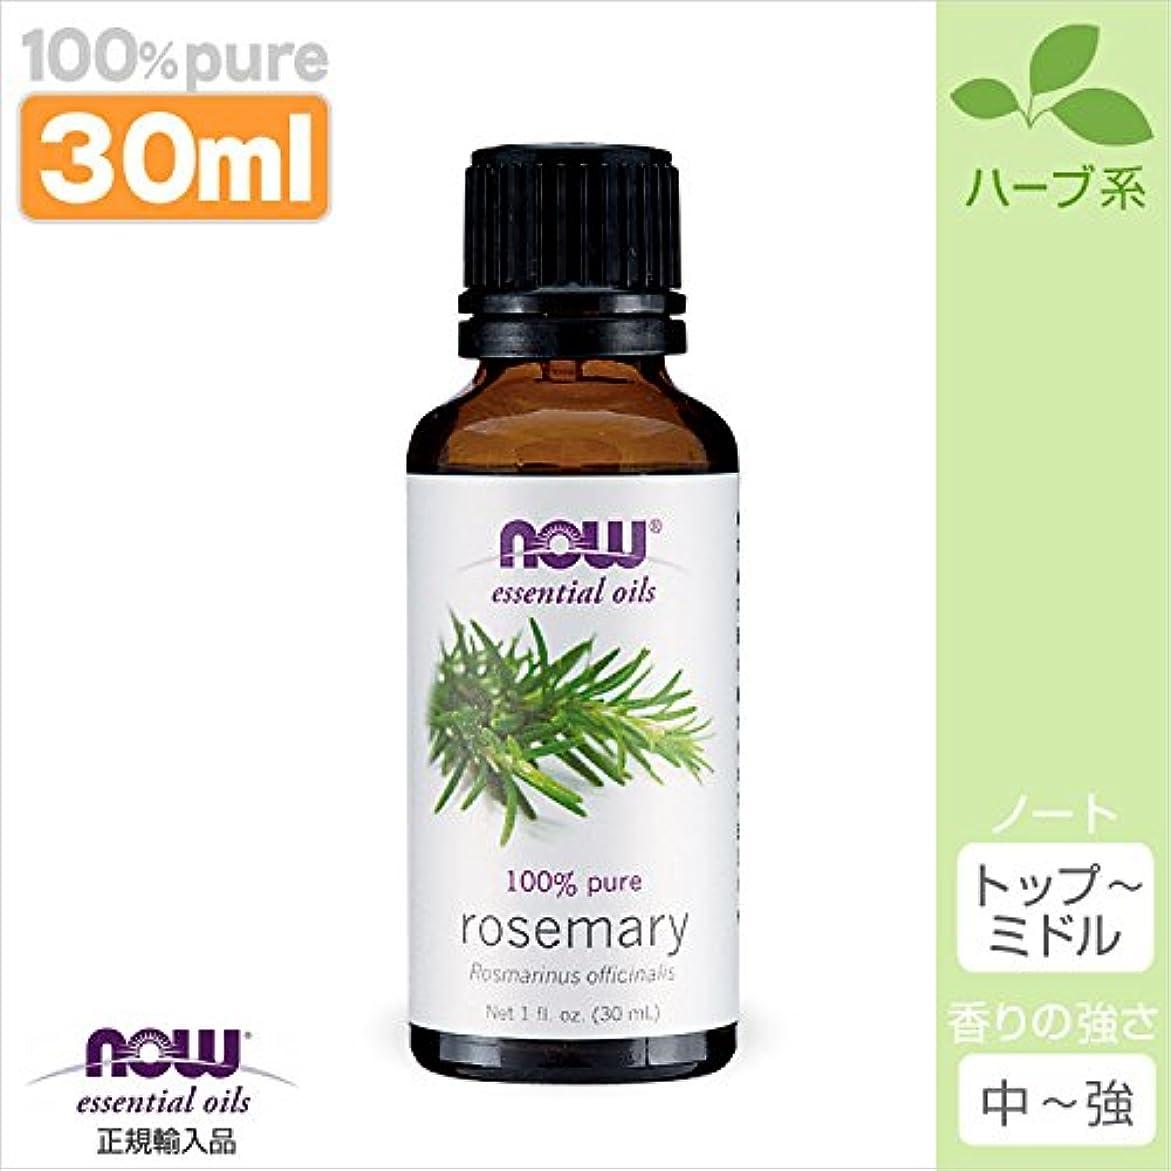 再生ショット化粧ローズマリー精油[30ml] 【正規輸入品】 NOWエッセンシャルオイル(アロマオイル)